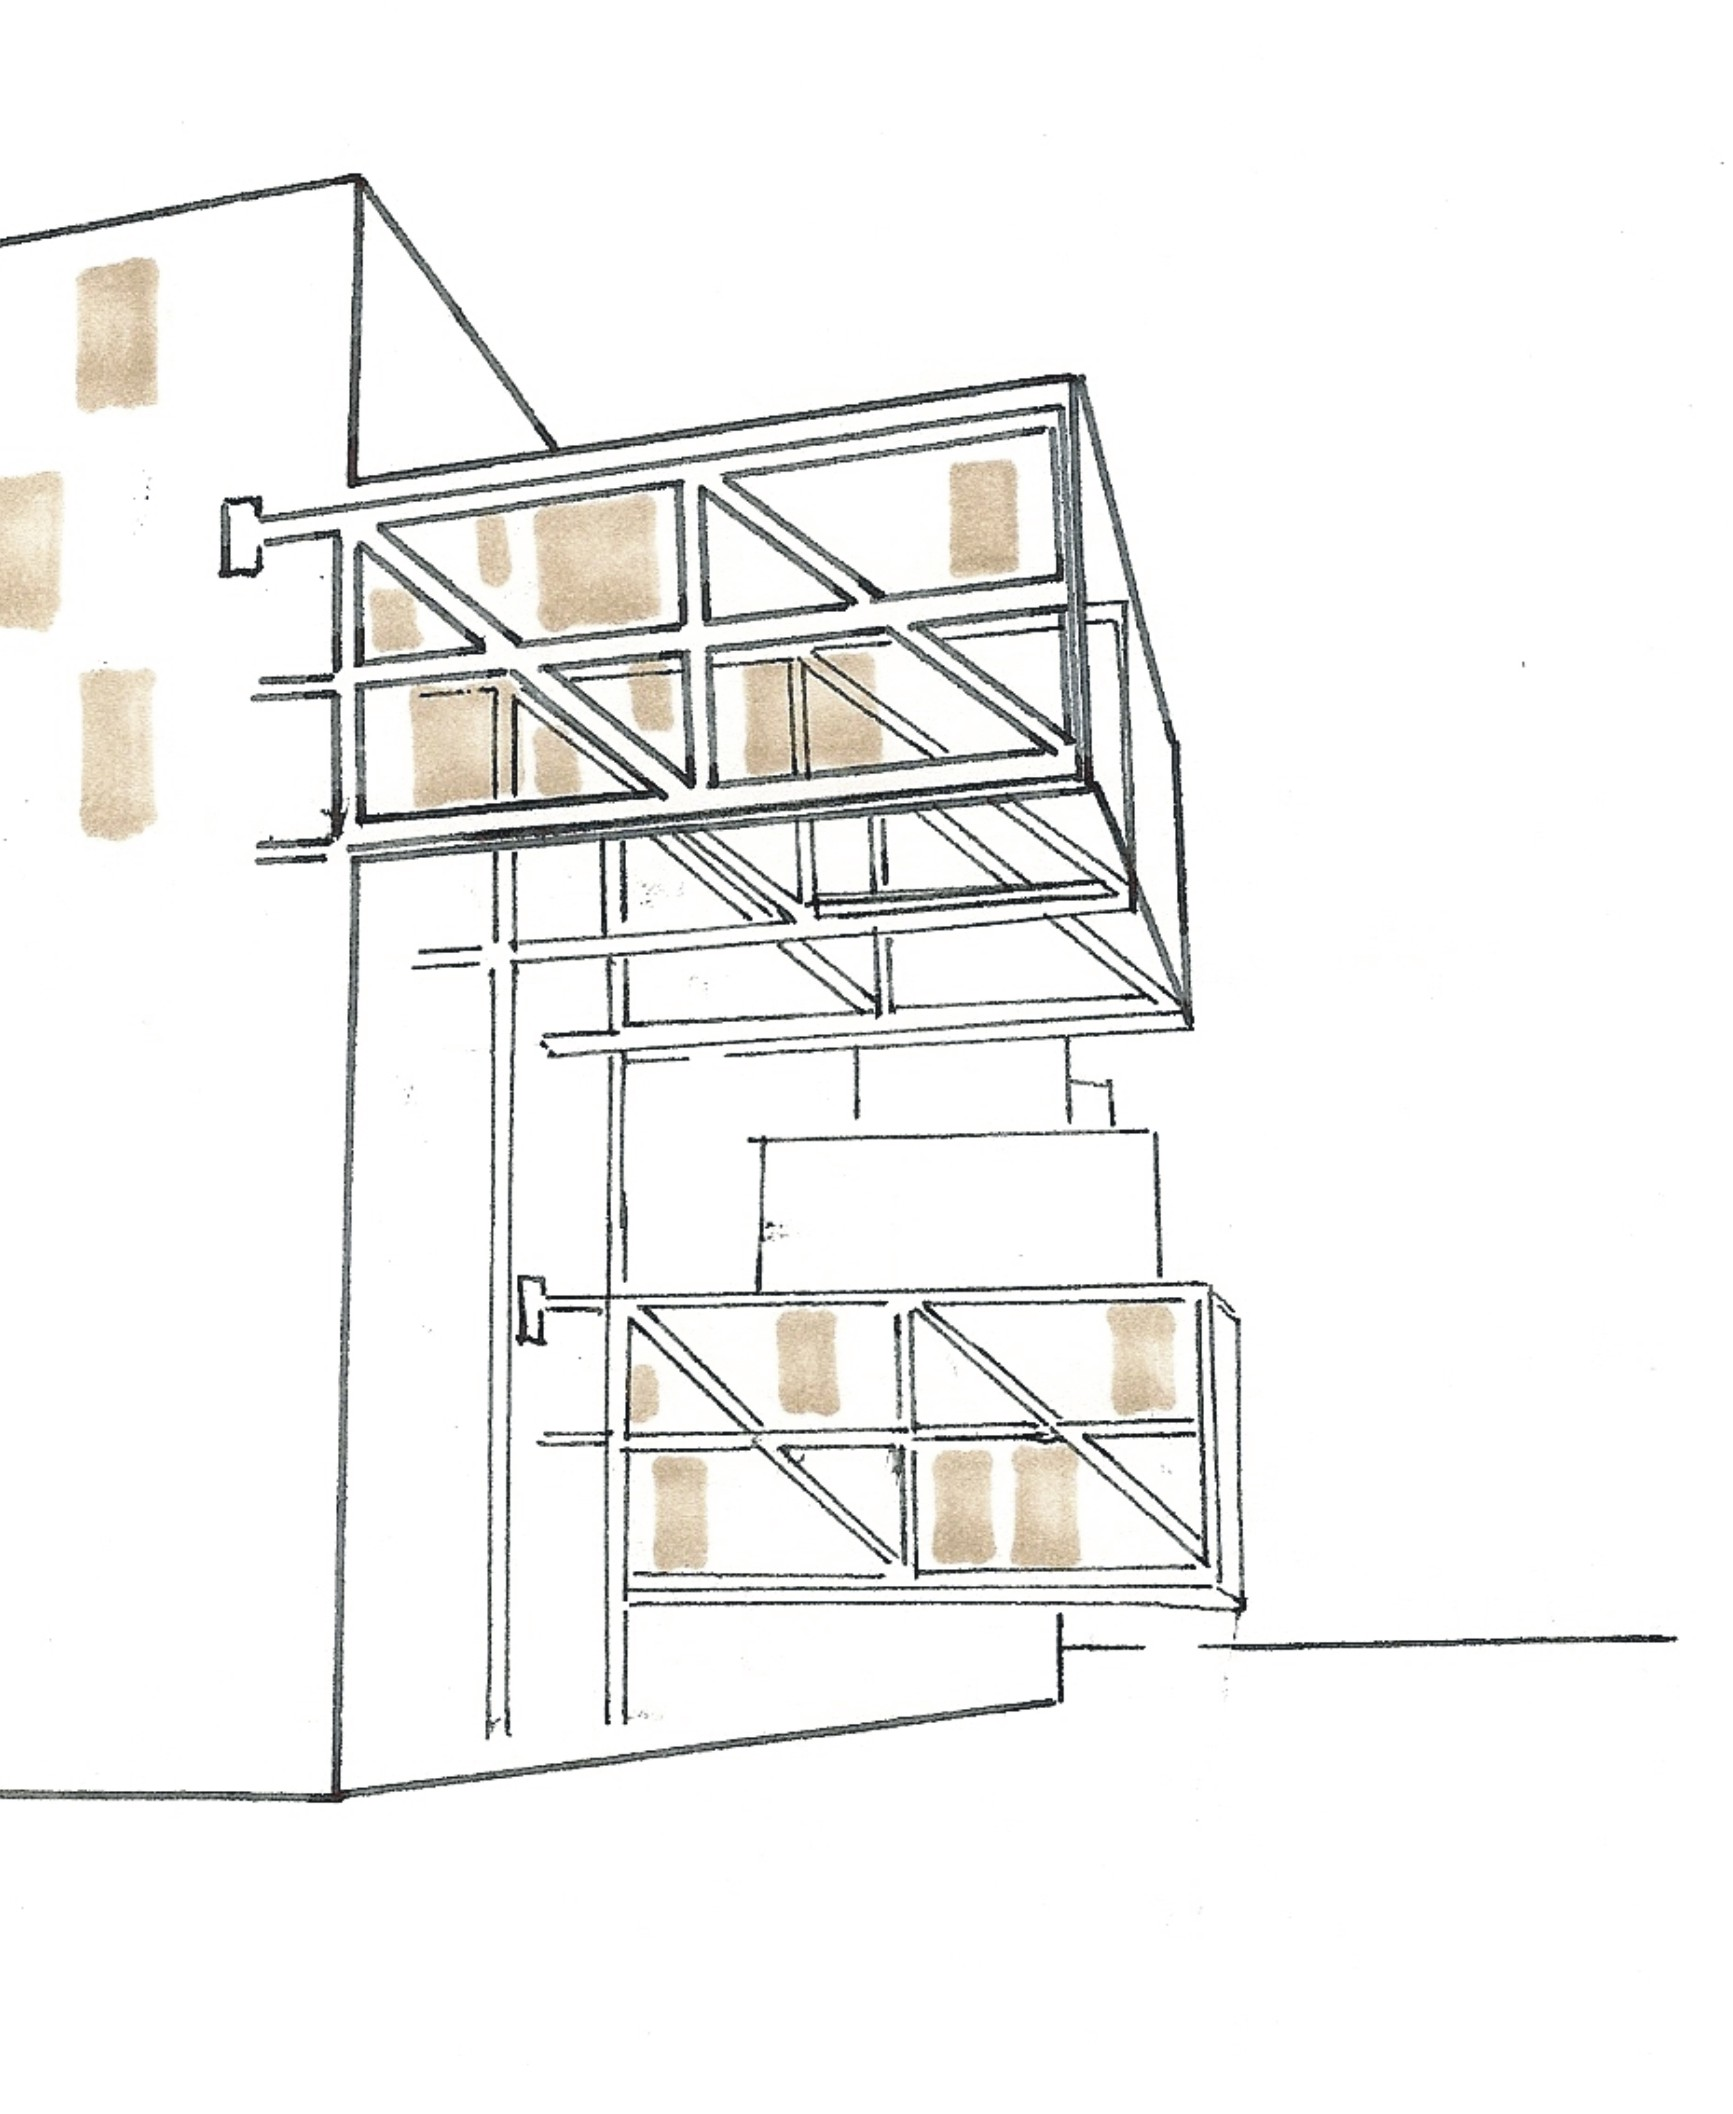 Mvrdv Architecture